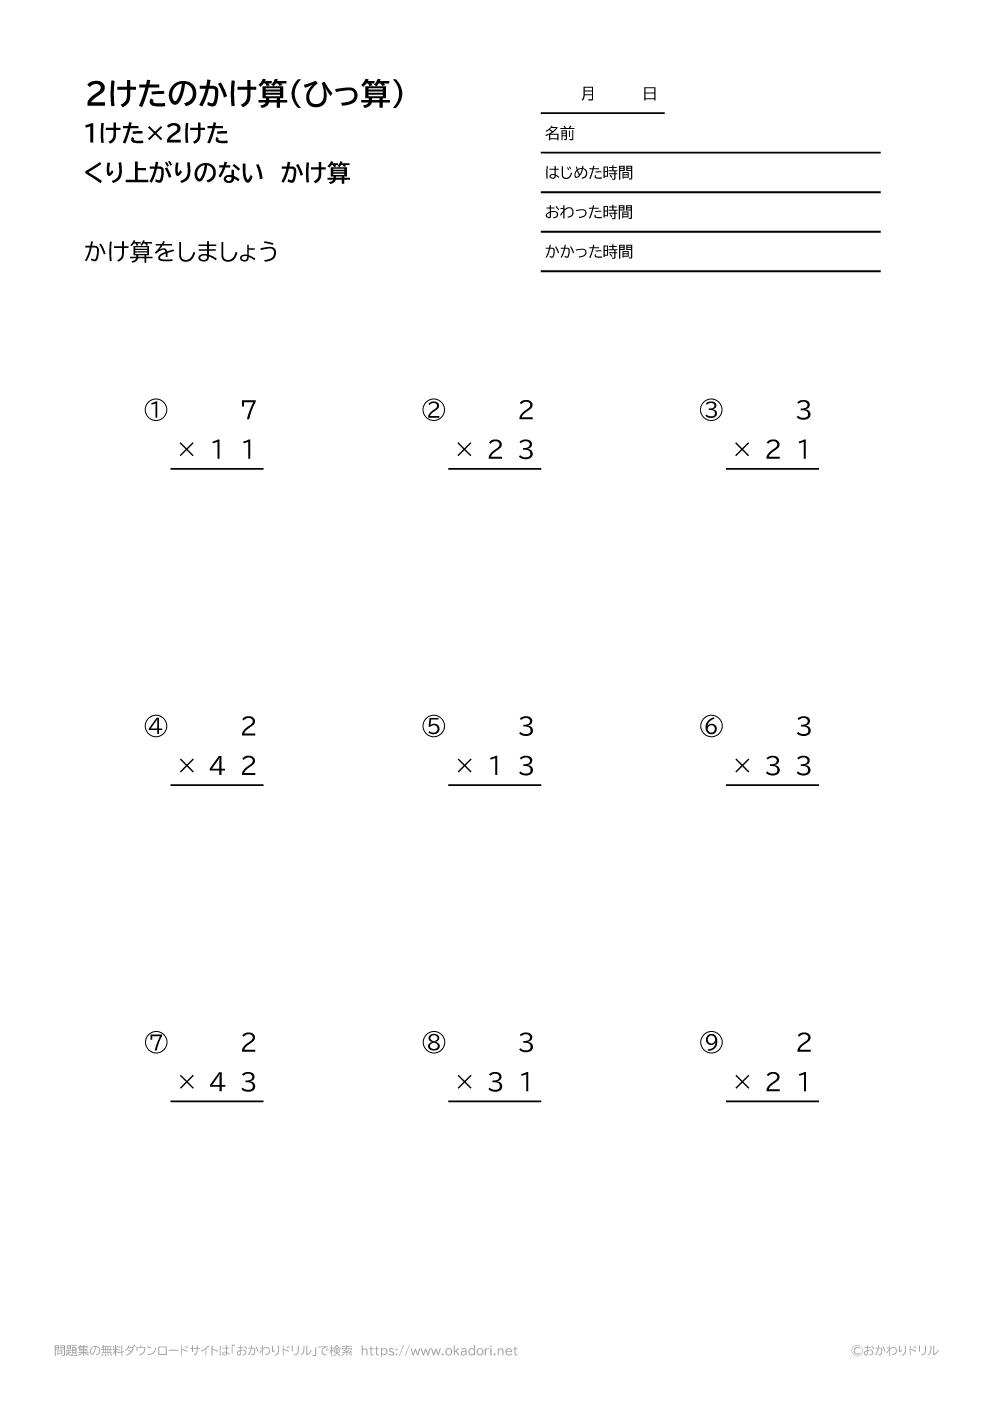 1桁×2桁の繰り上がりの無い掛け算の筆算1